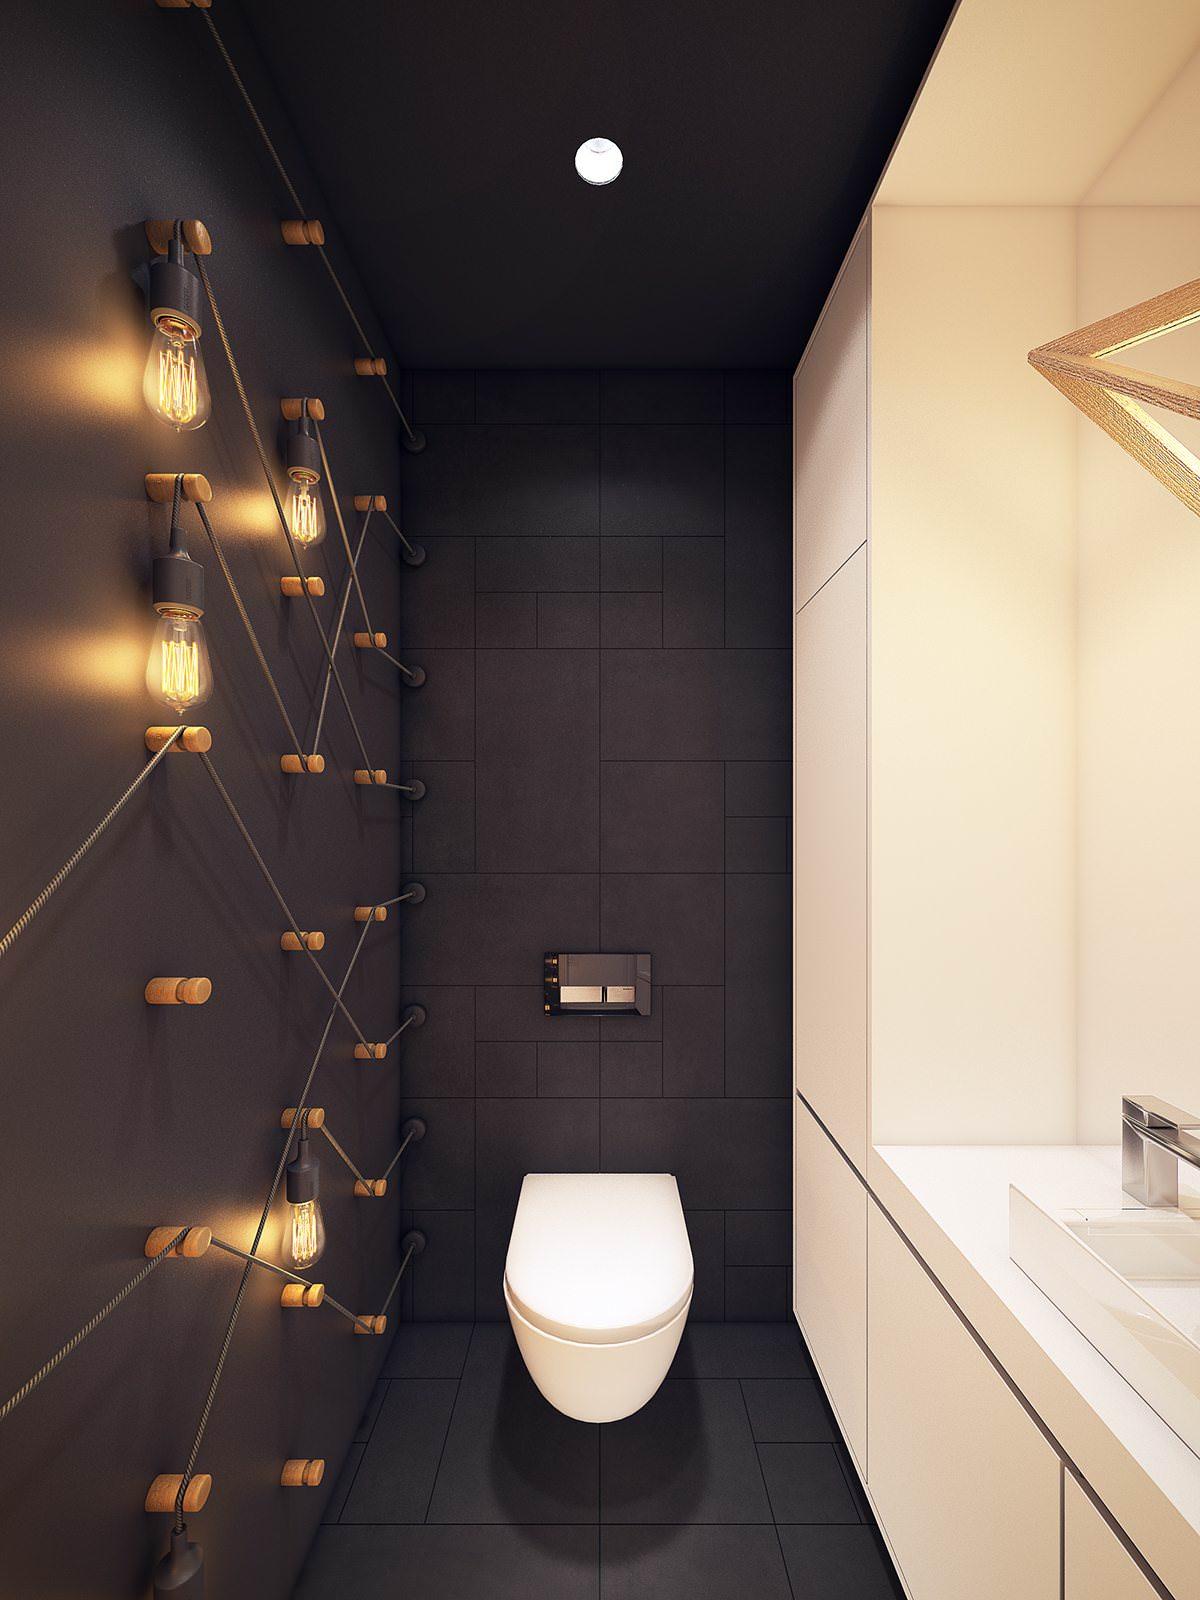 interioren-proekt-za-apartament-v-moderen-skandinavski-stil-921g